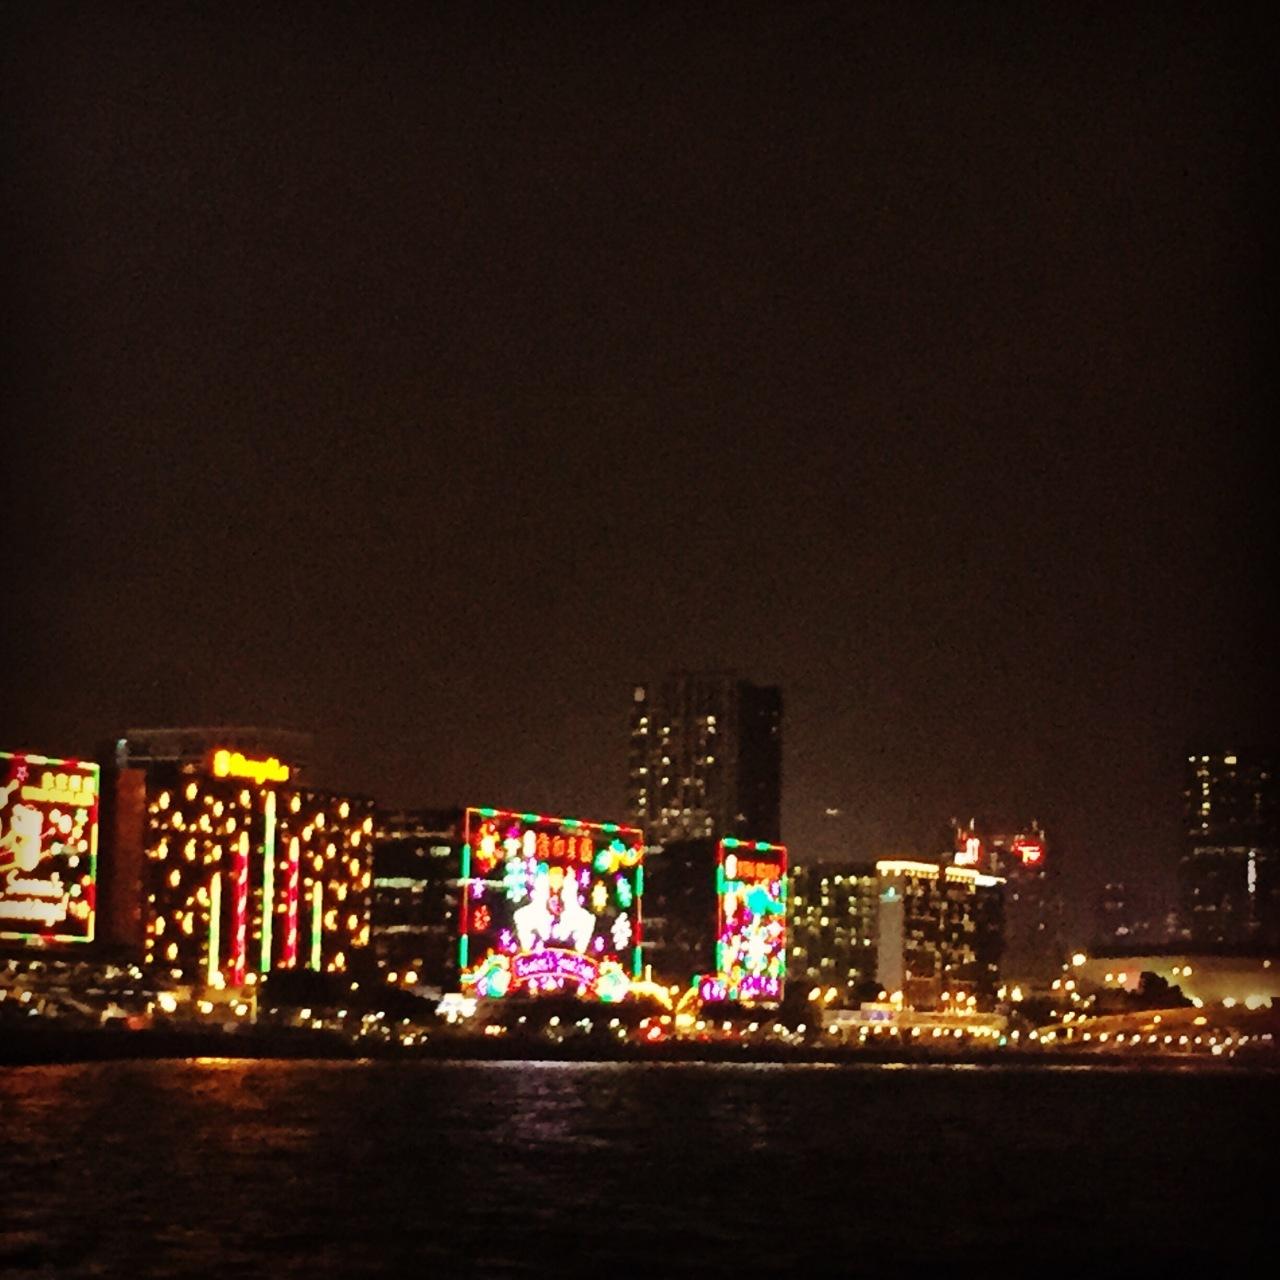 Island of lights